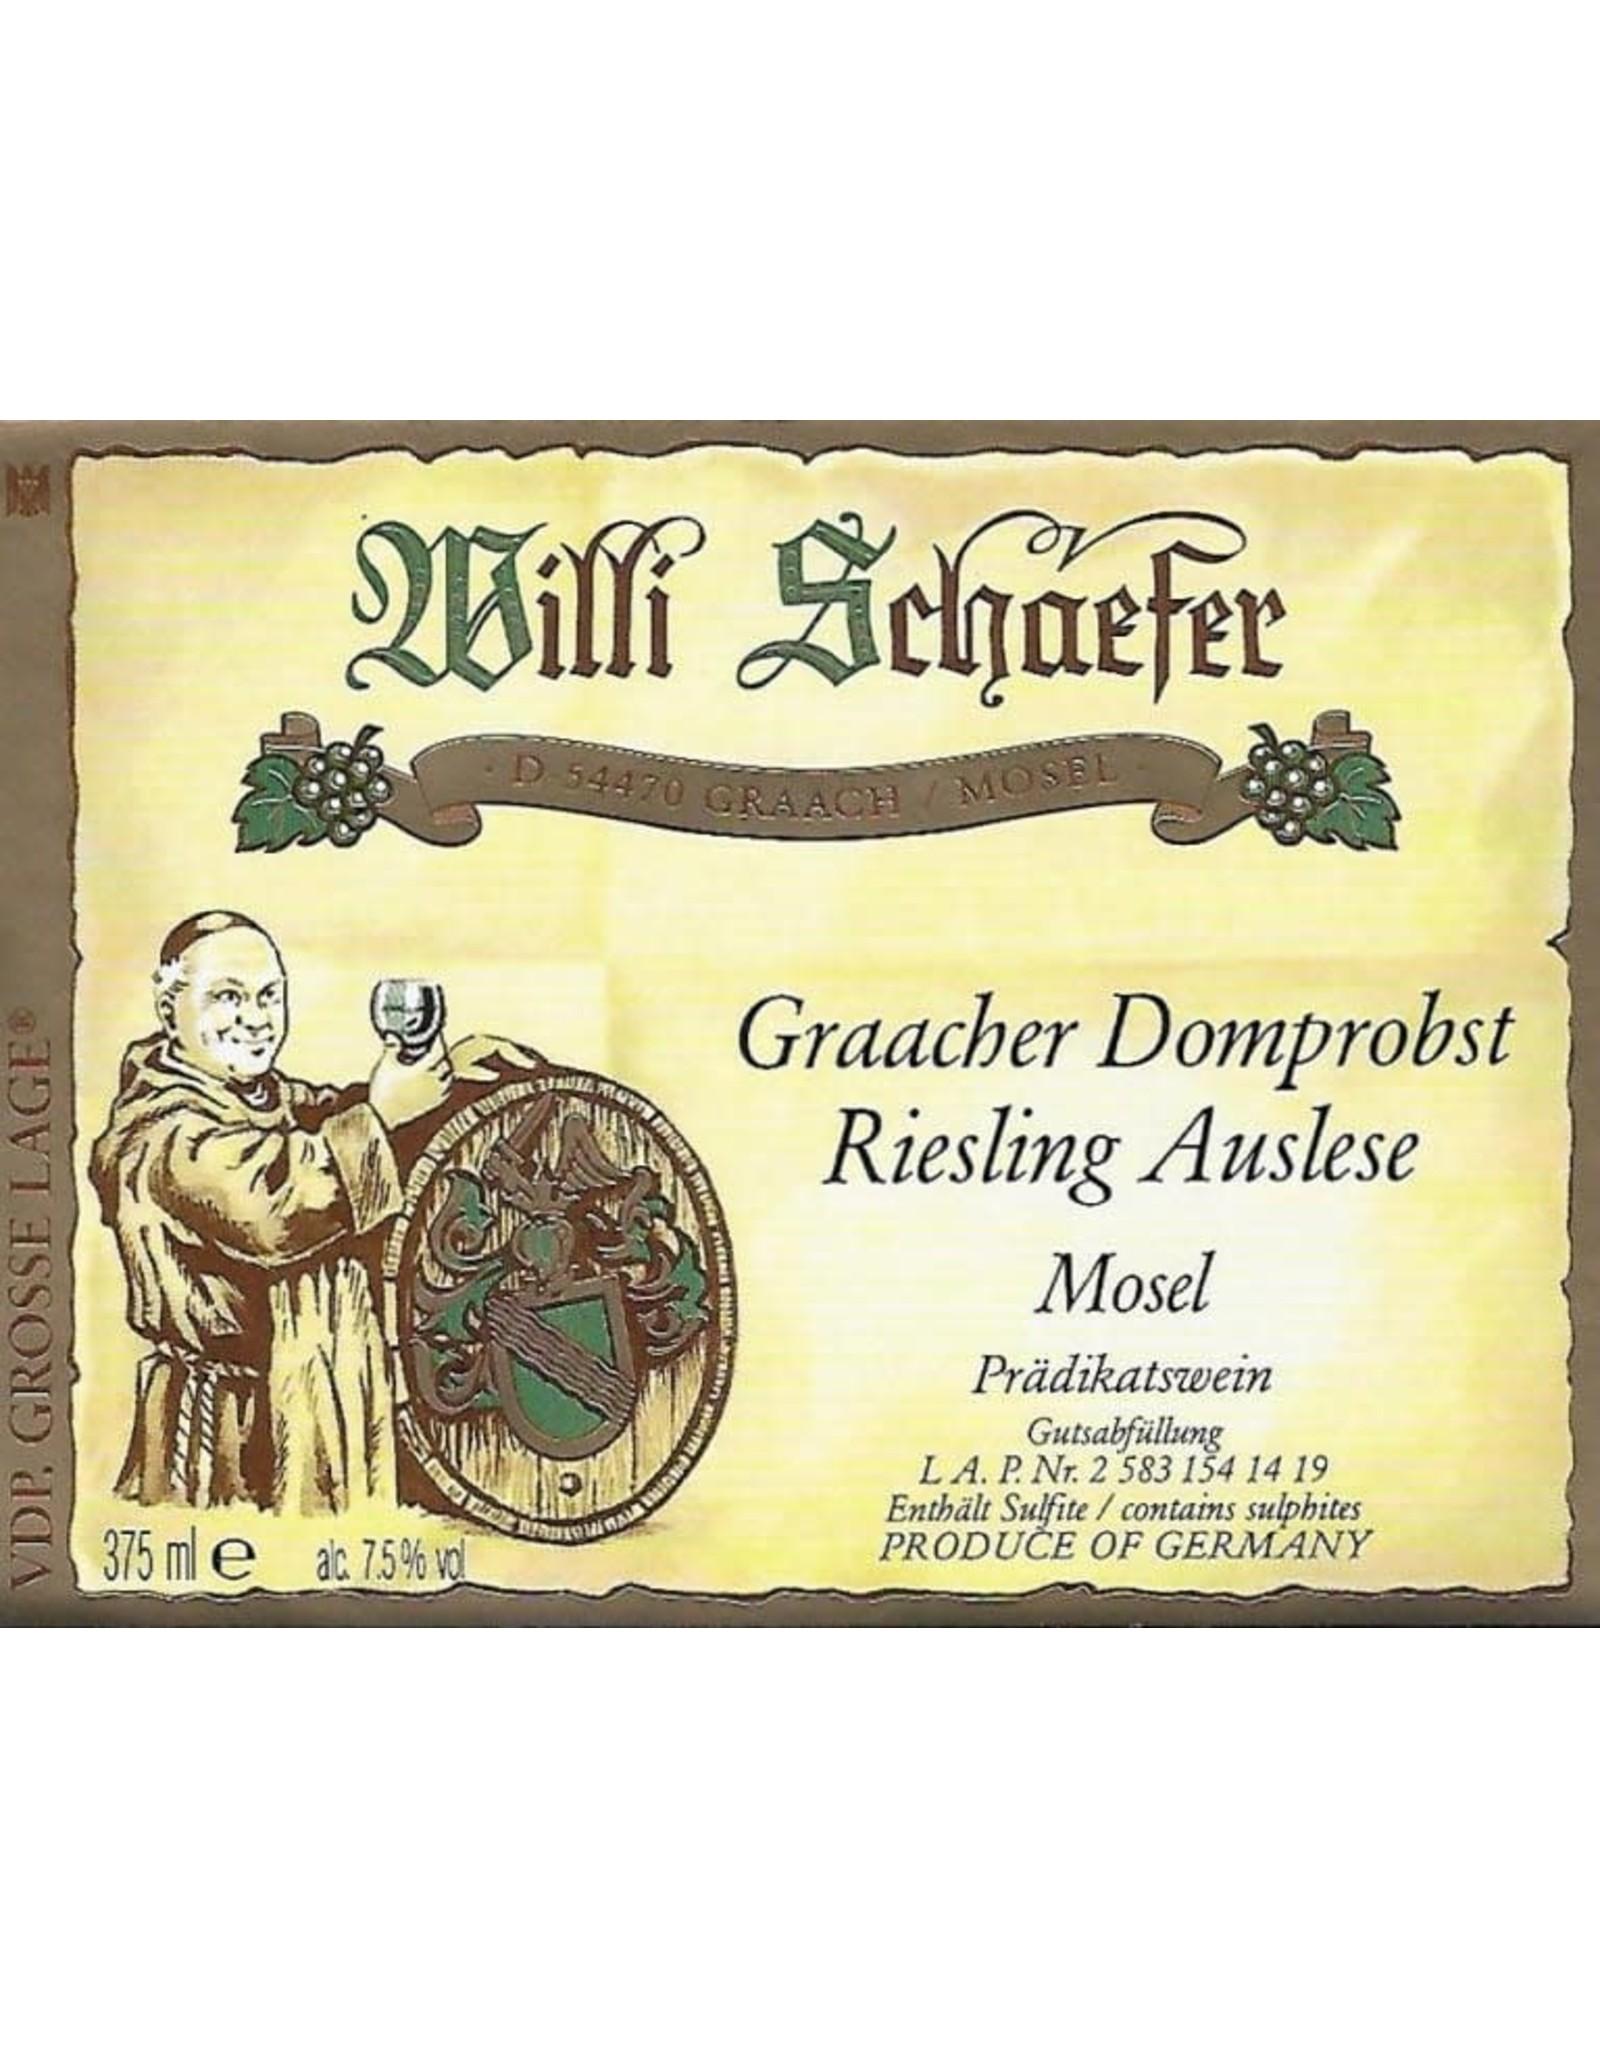 Willi Schaefer Willi Schaefer Graacher Domprobst Riesling Auslese, Mosel 2019 375ml